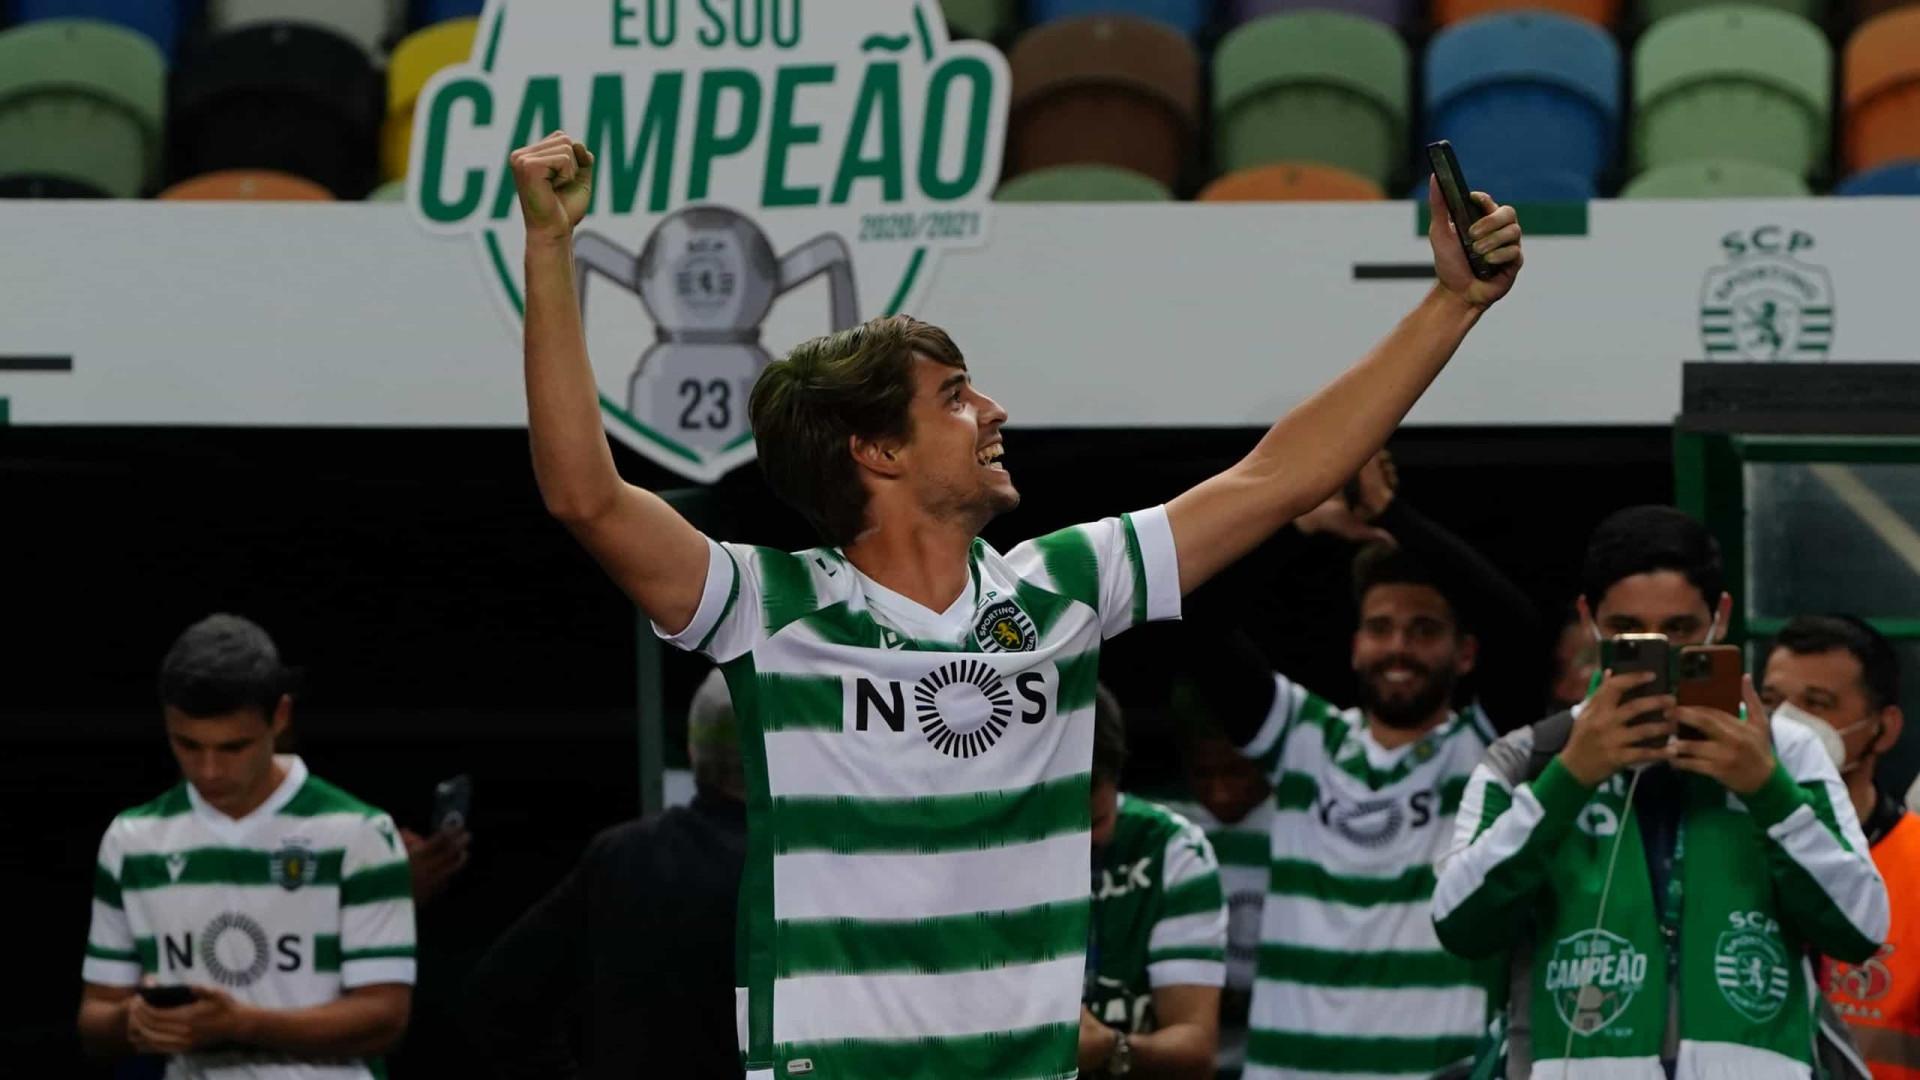 Sporting encerra jejum de 19 anos e volta a ser campeão português